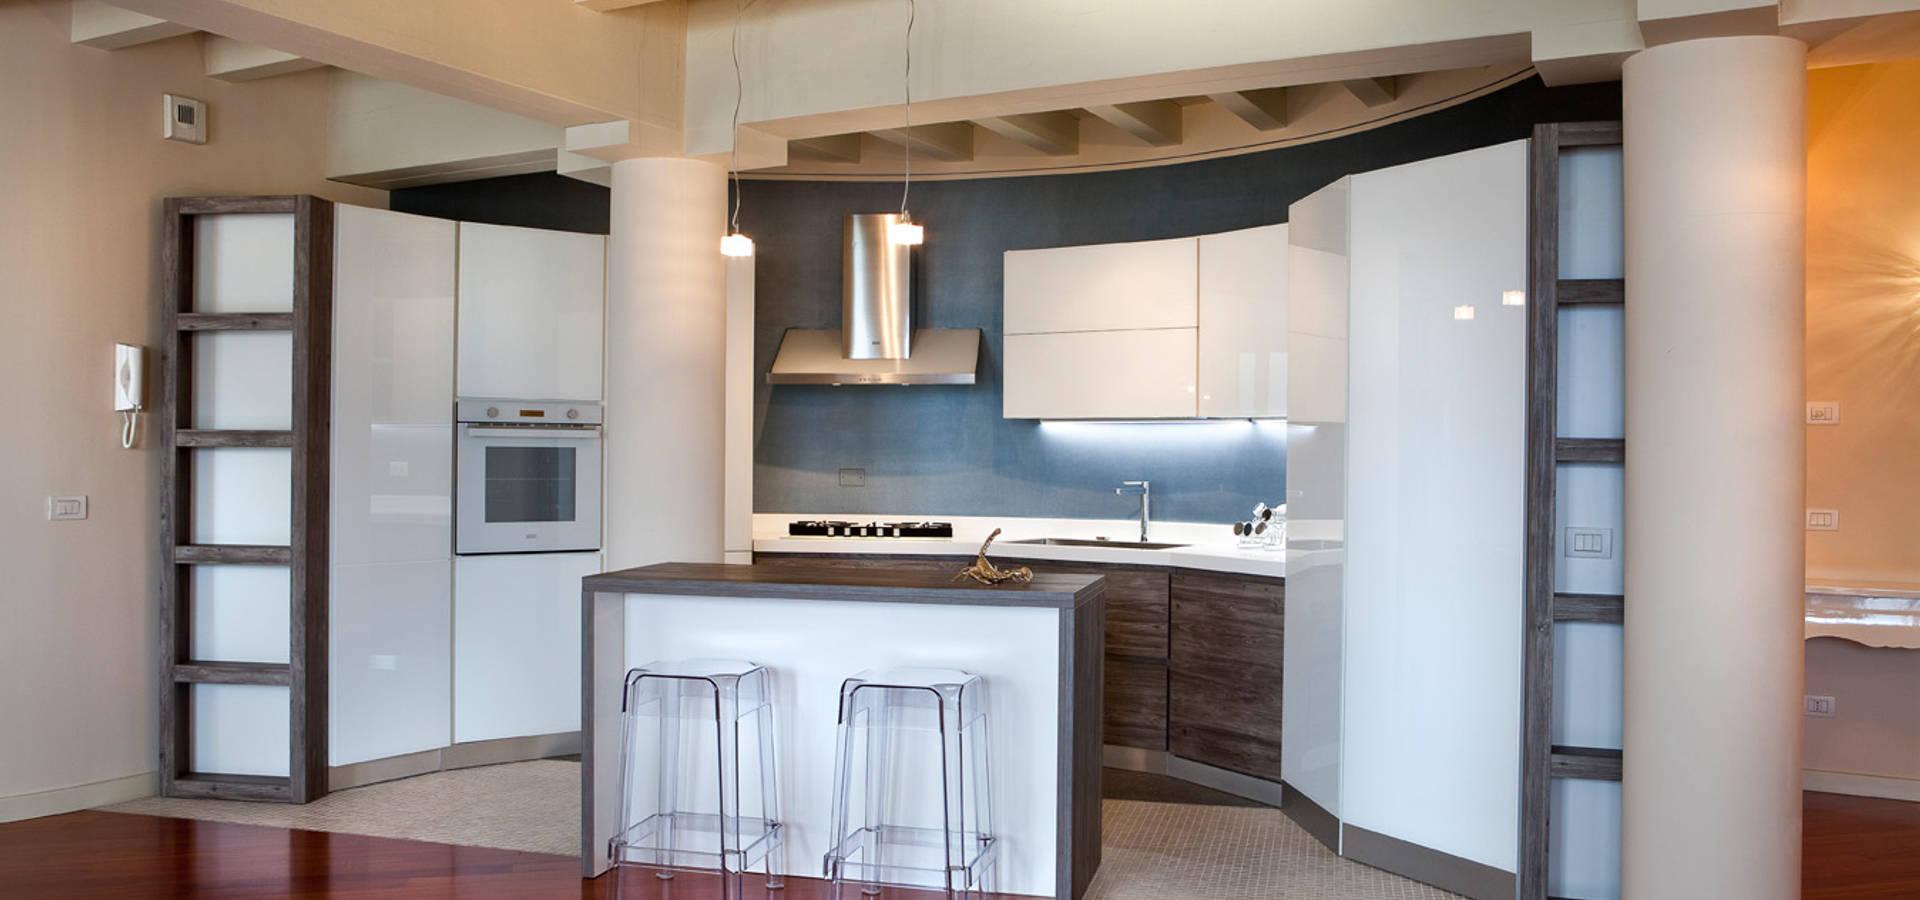 Cucina su misura e zona living von Fab Arredamenti su Misura | homify